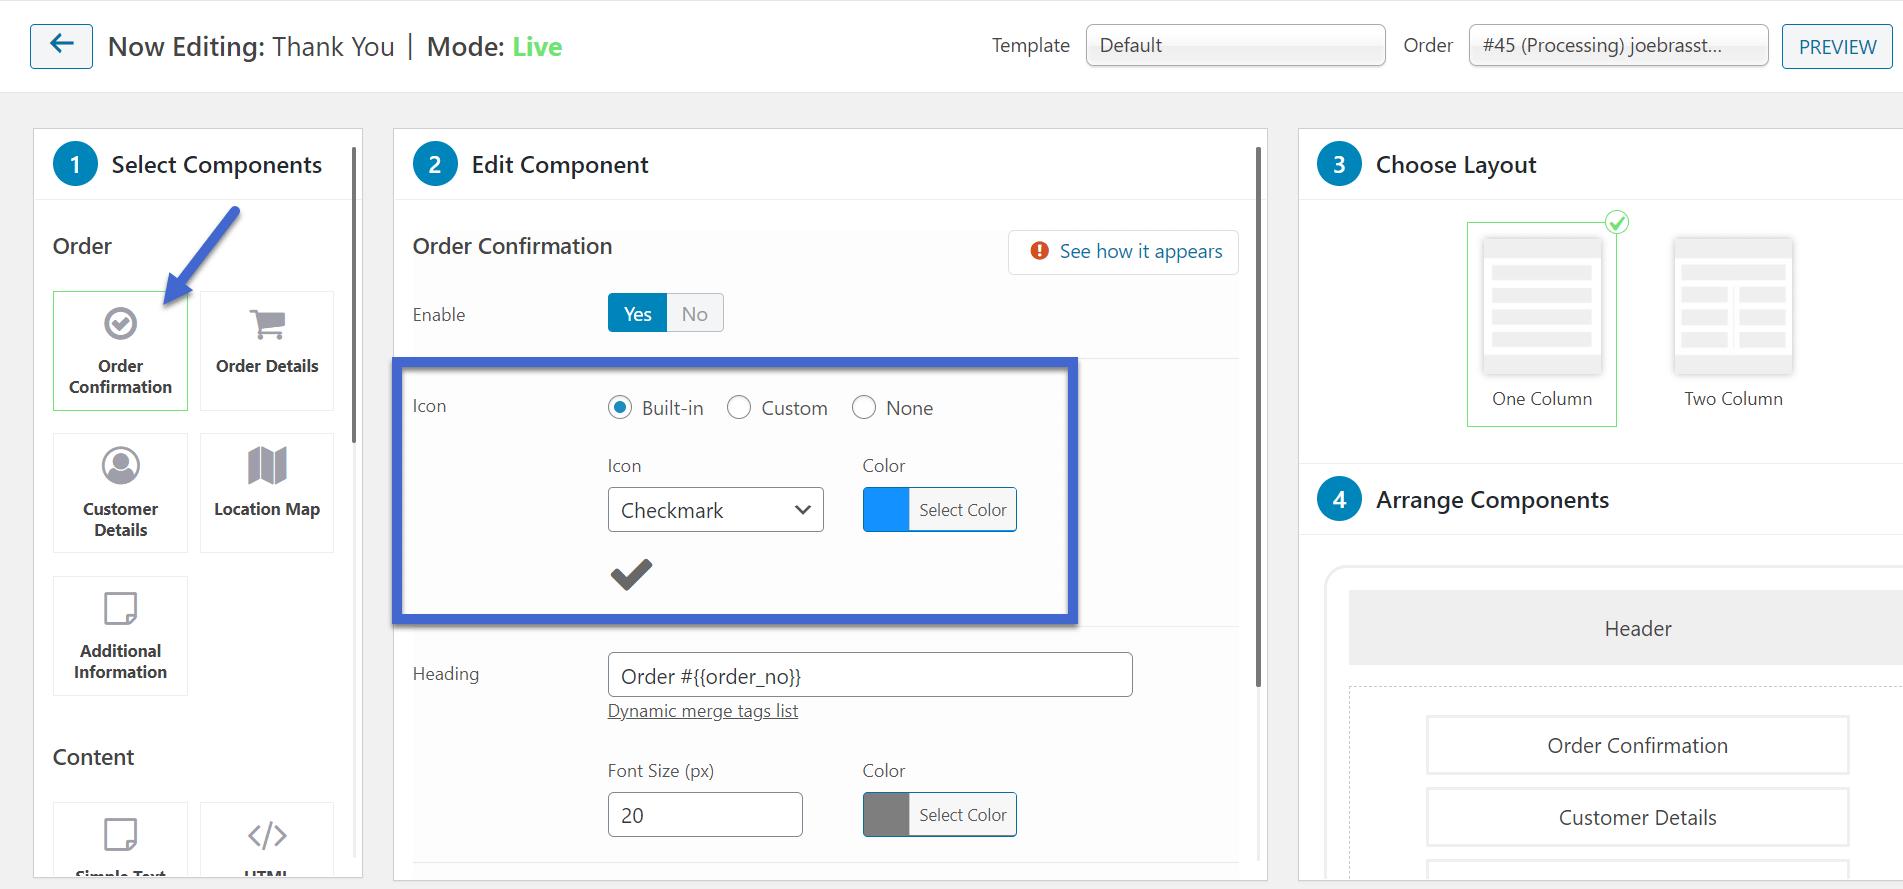 confirmação do pedido para a página de agradecimento do WooCommerce